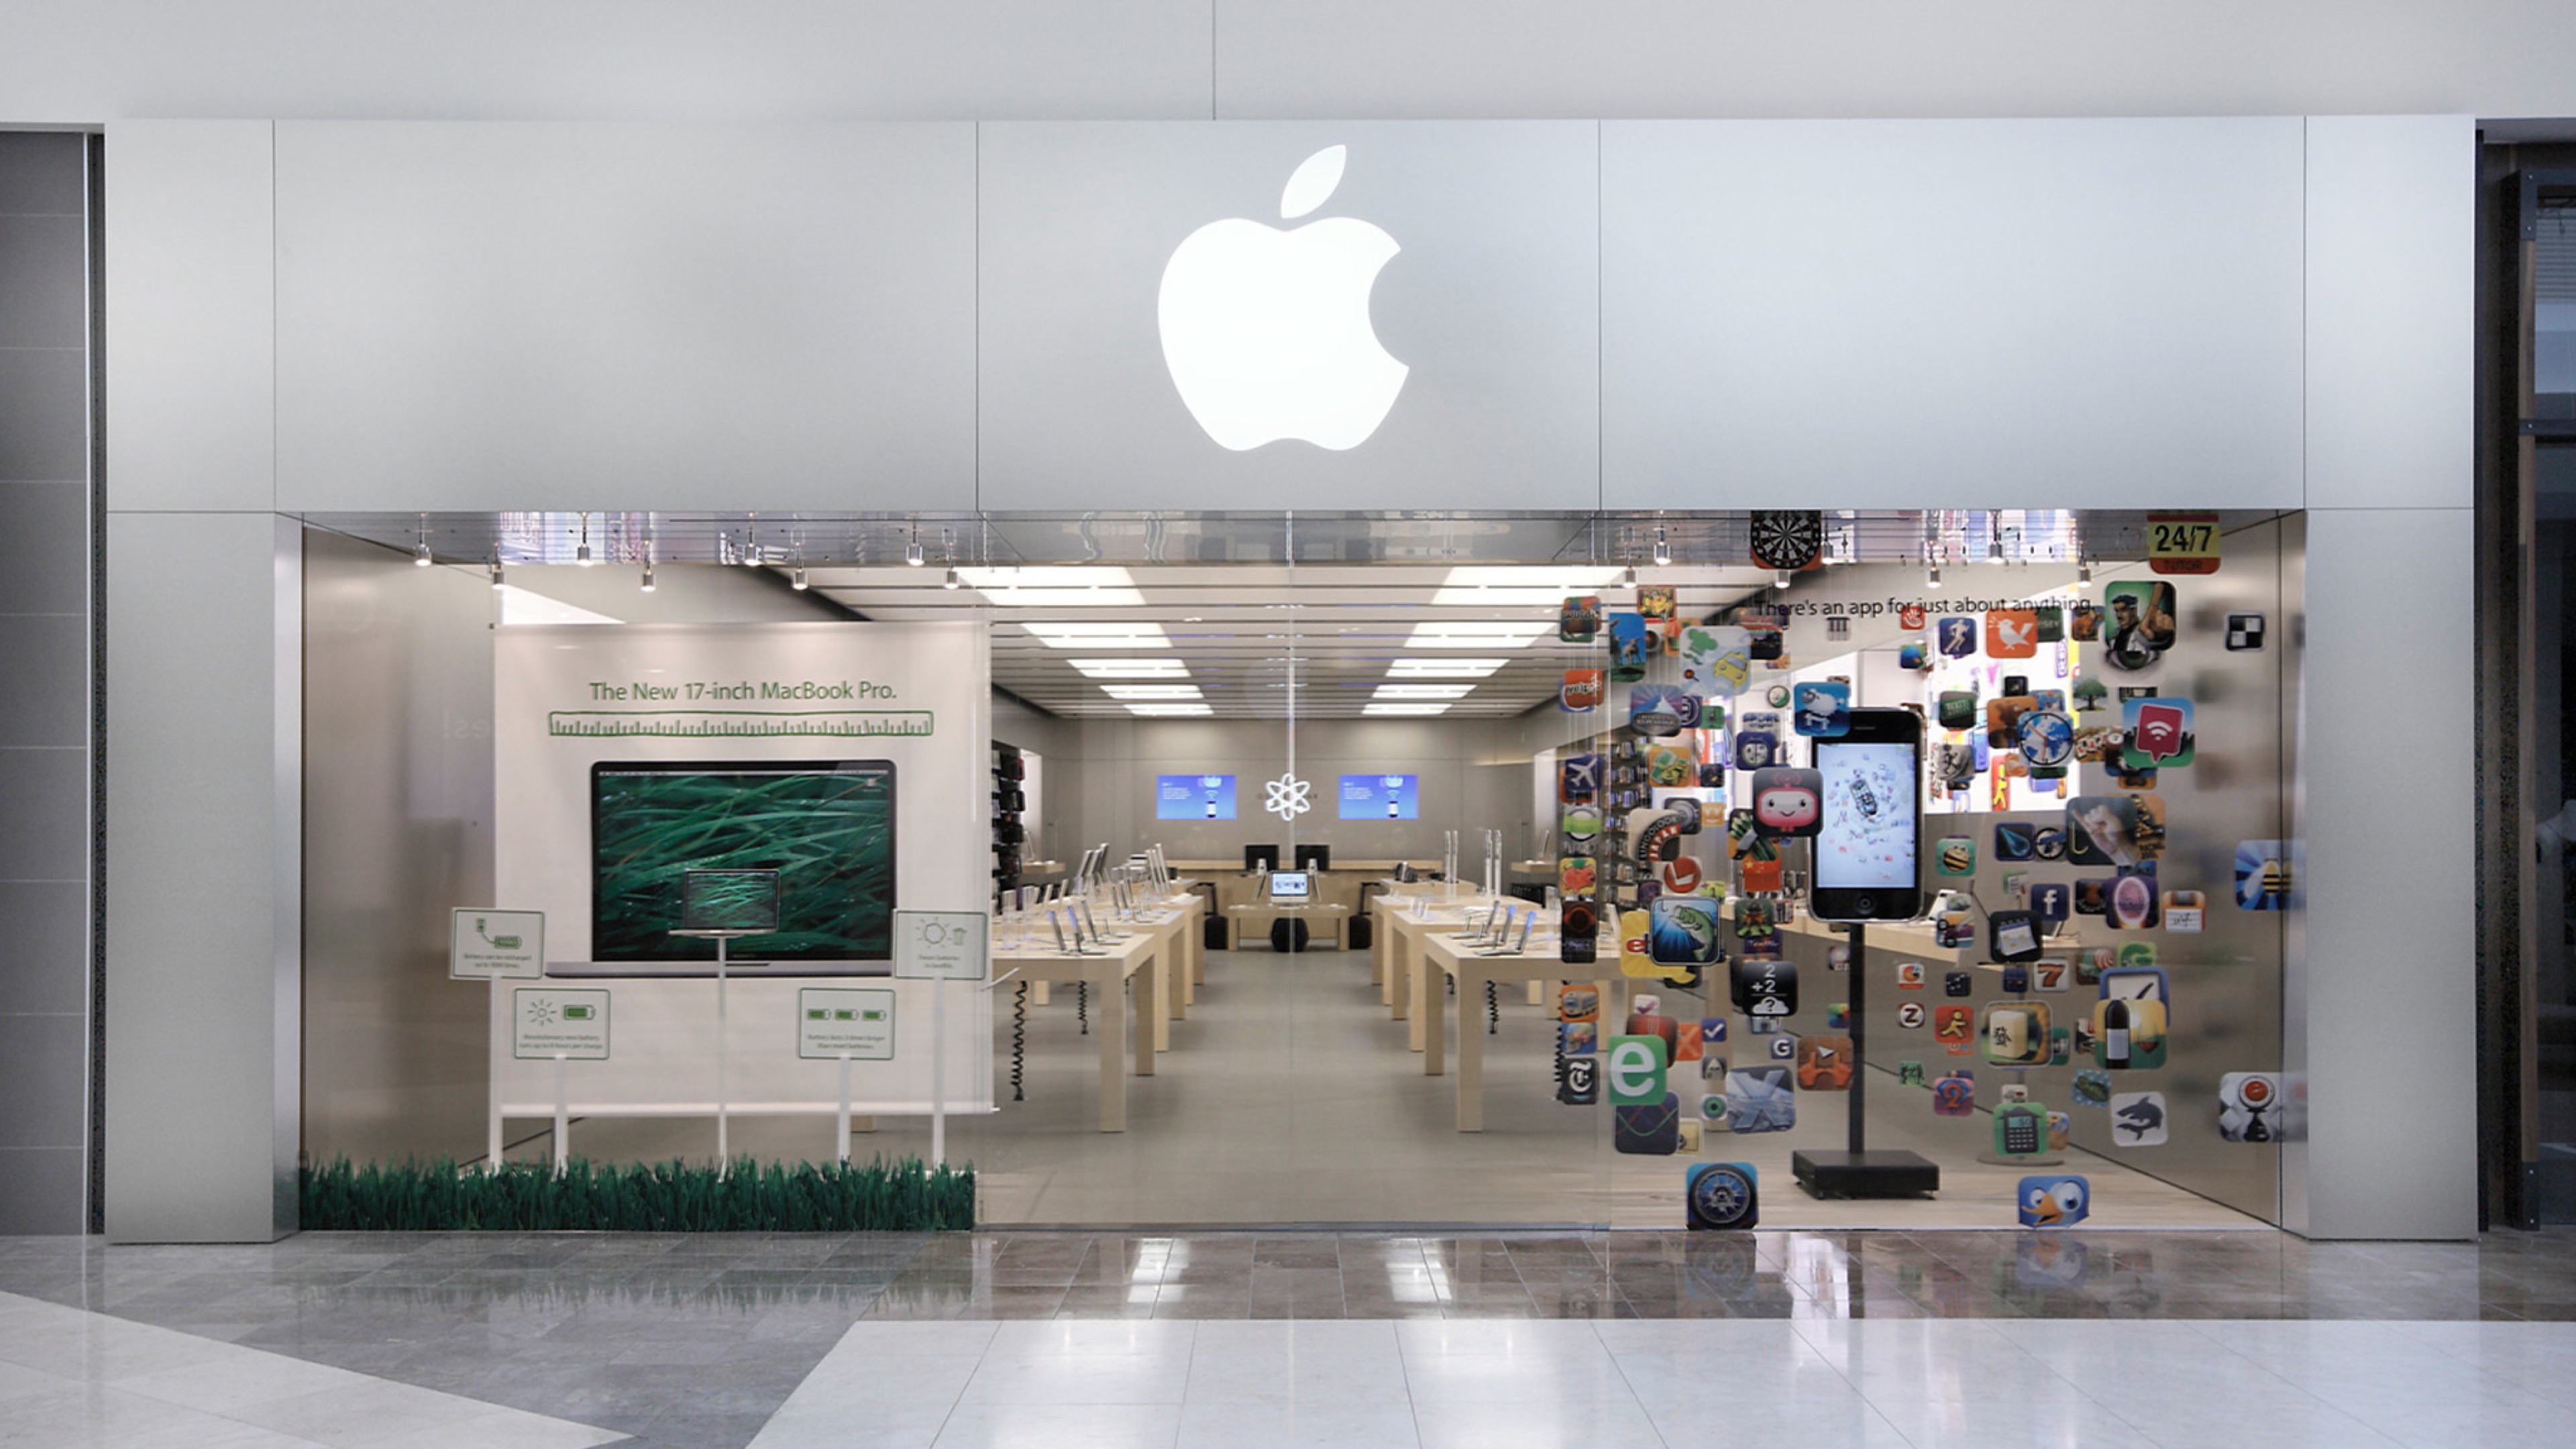 australia s second modernized apple store opening in robina on september 29th